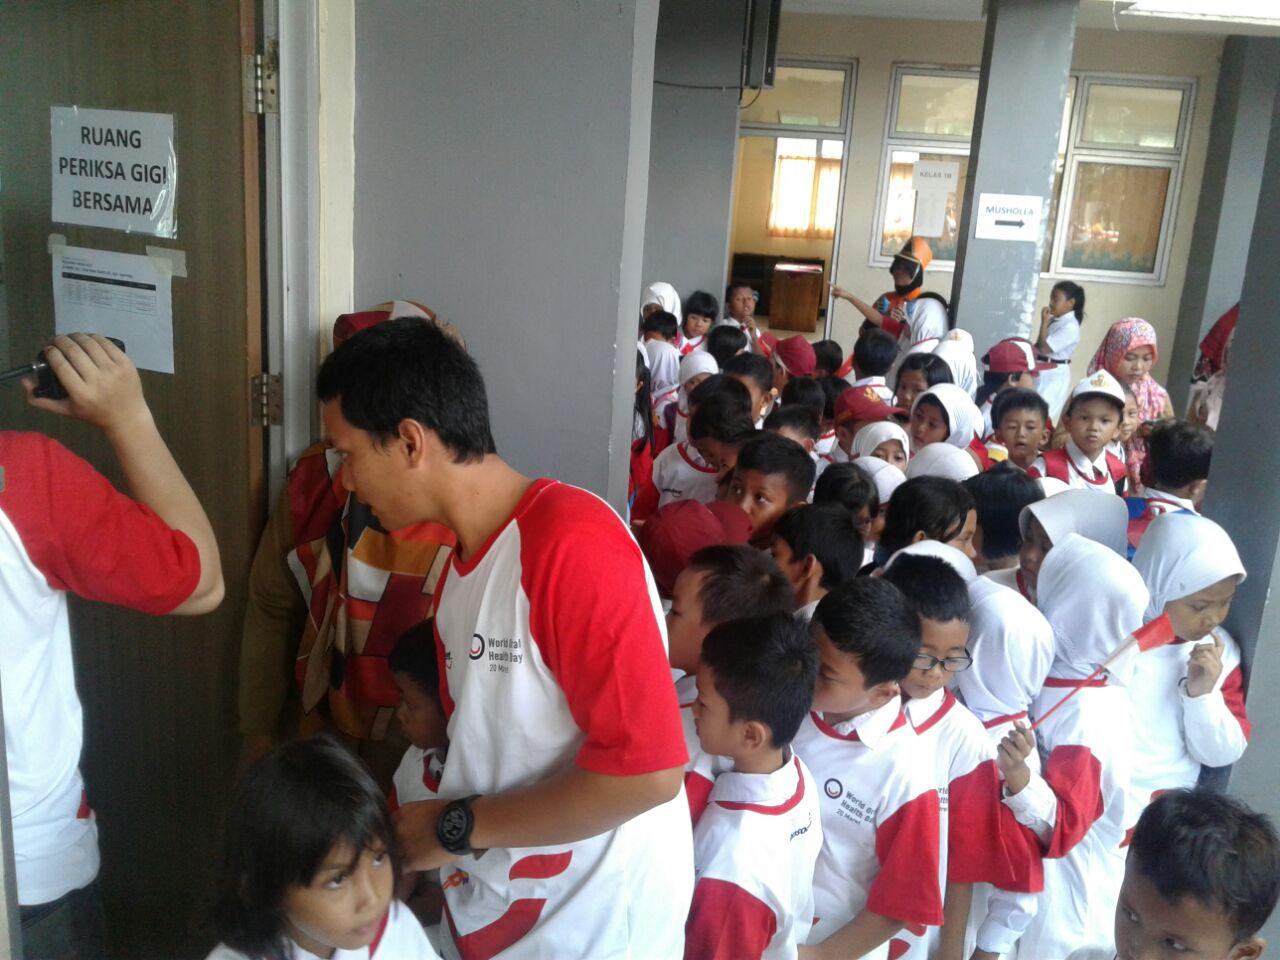 Antusias siswa-siswi begitu tinggi untuk memeriksakan giginya di SDN Rawa Buntu 03, Tangerang Selatan, Senin (20/3).